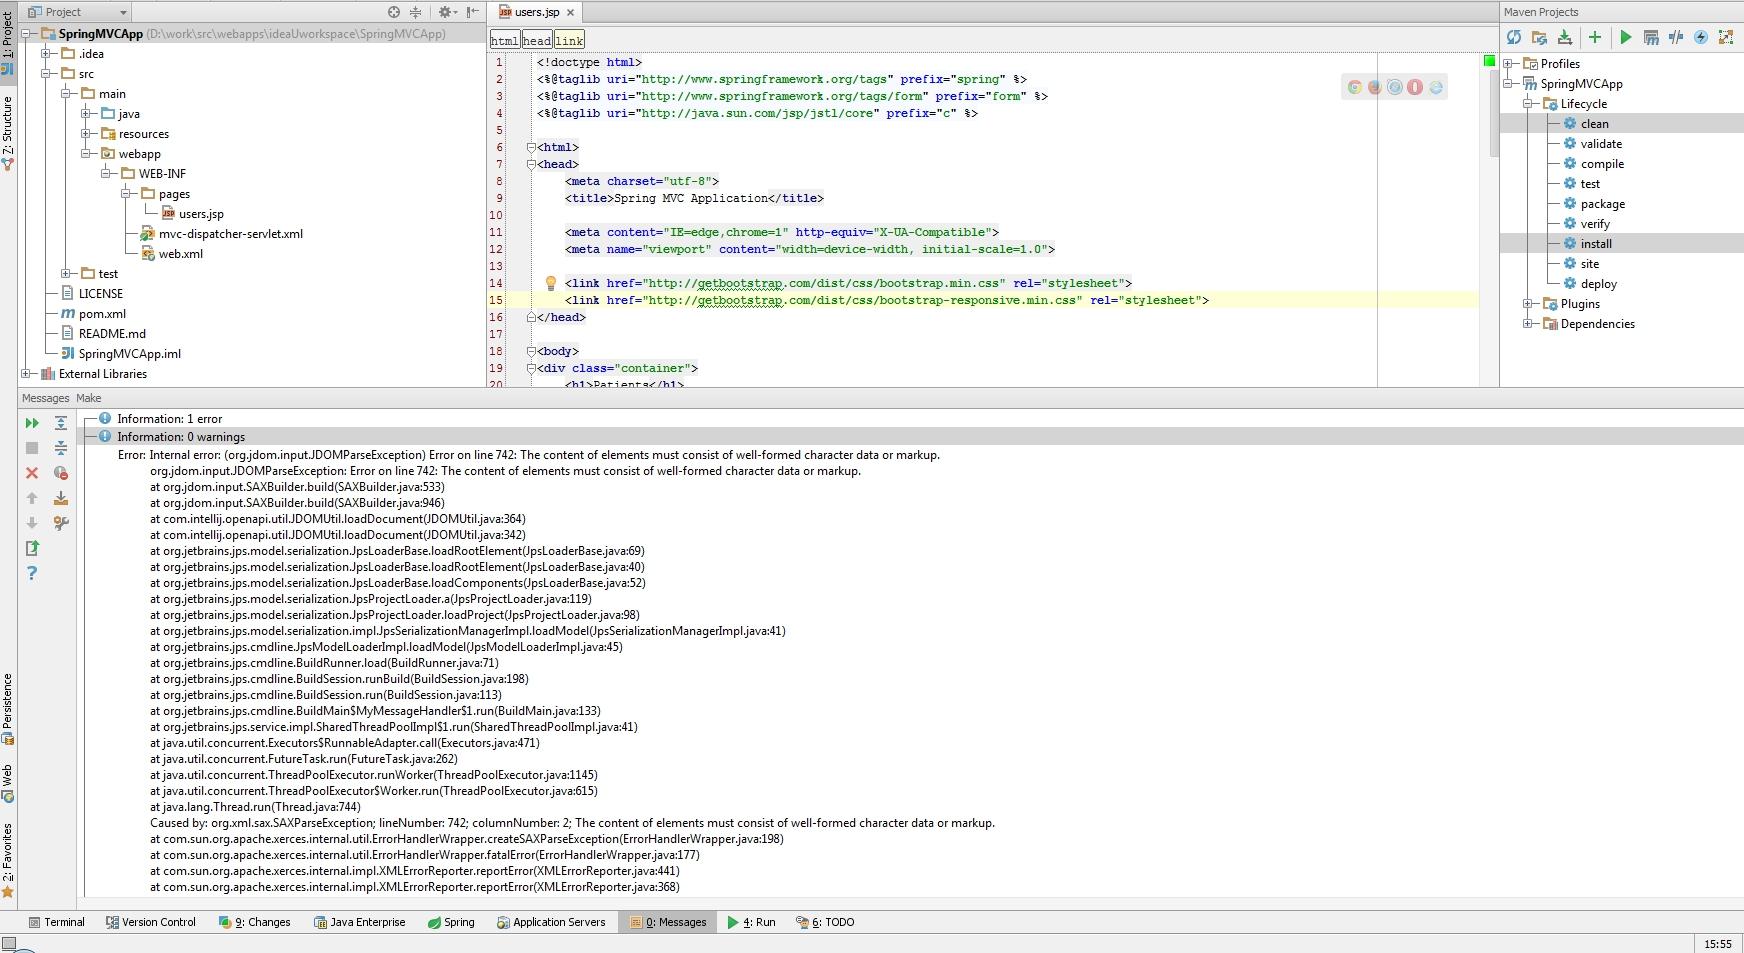 screenshot.2014-09-04 15.21.43.jpg